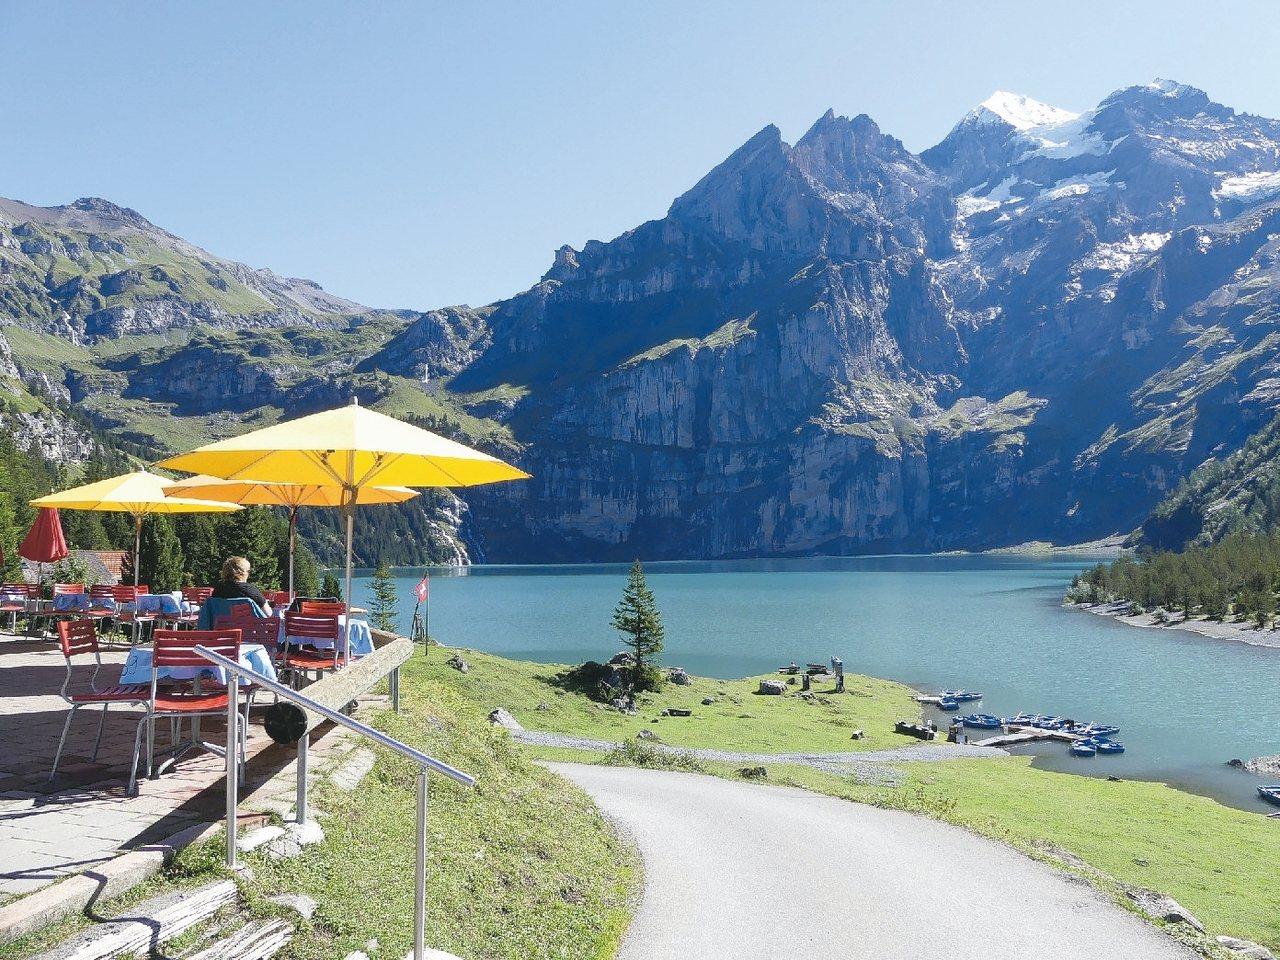 湖畔飲杯咖啡,慢賞峰景。 圖/泰永旅行社提供